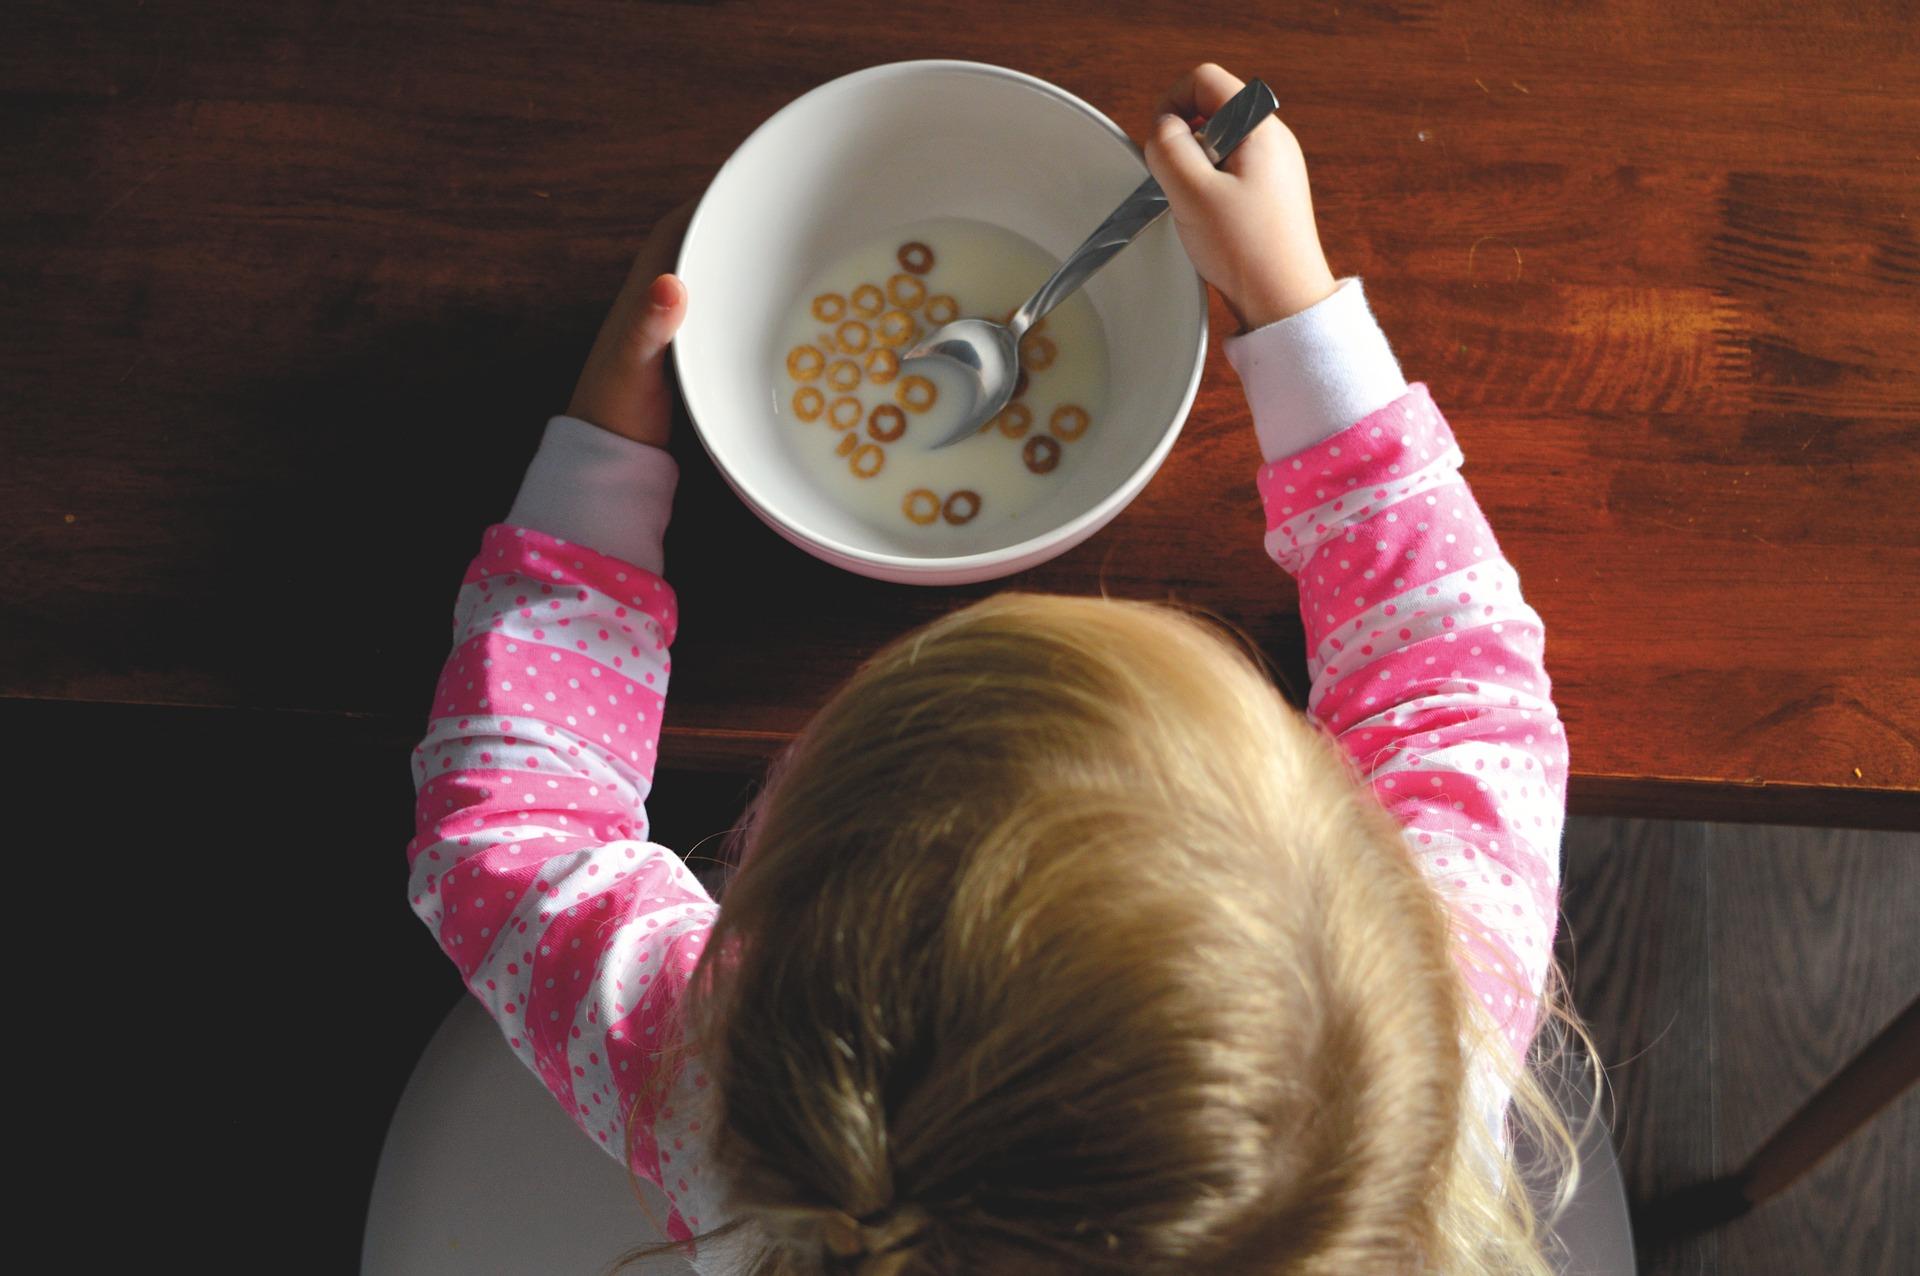 La nourriture pour bébé contient trop de sucres, selon l'OMS